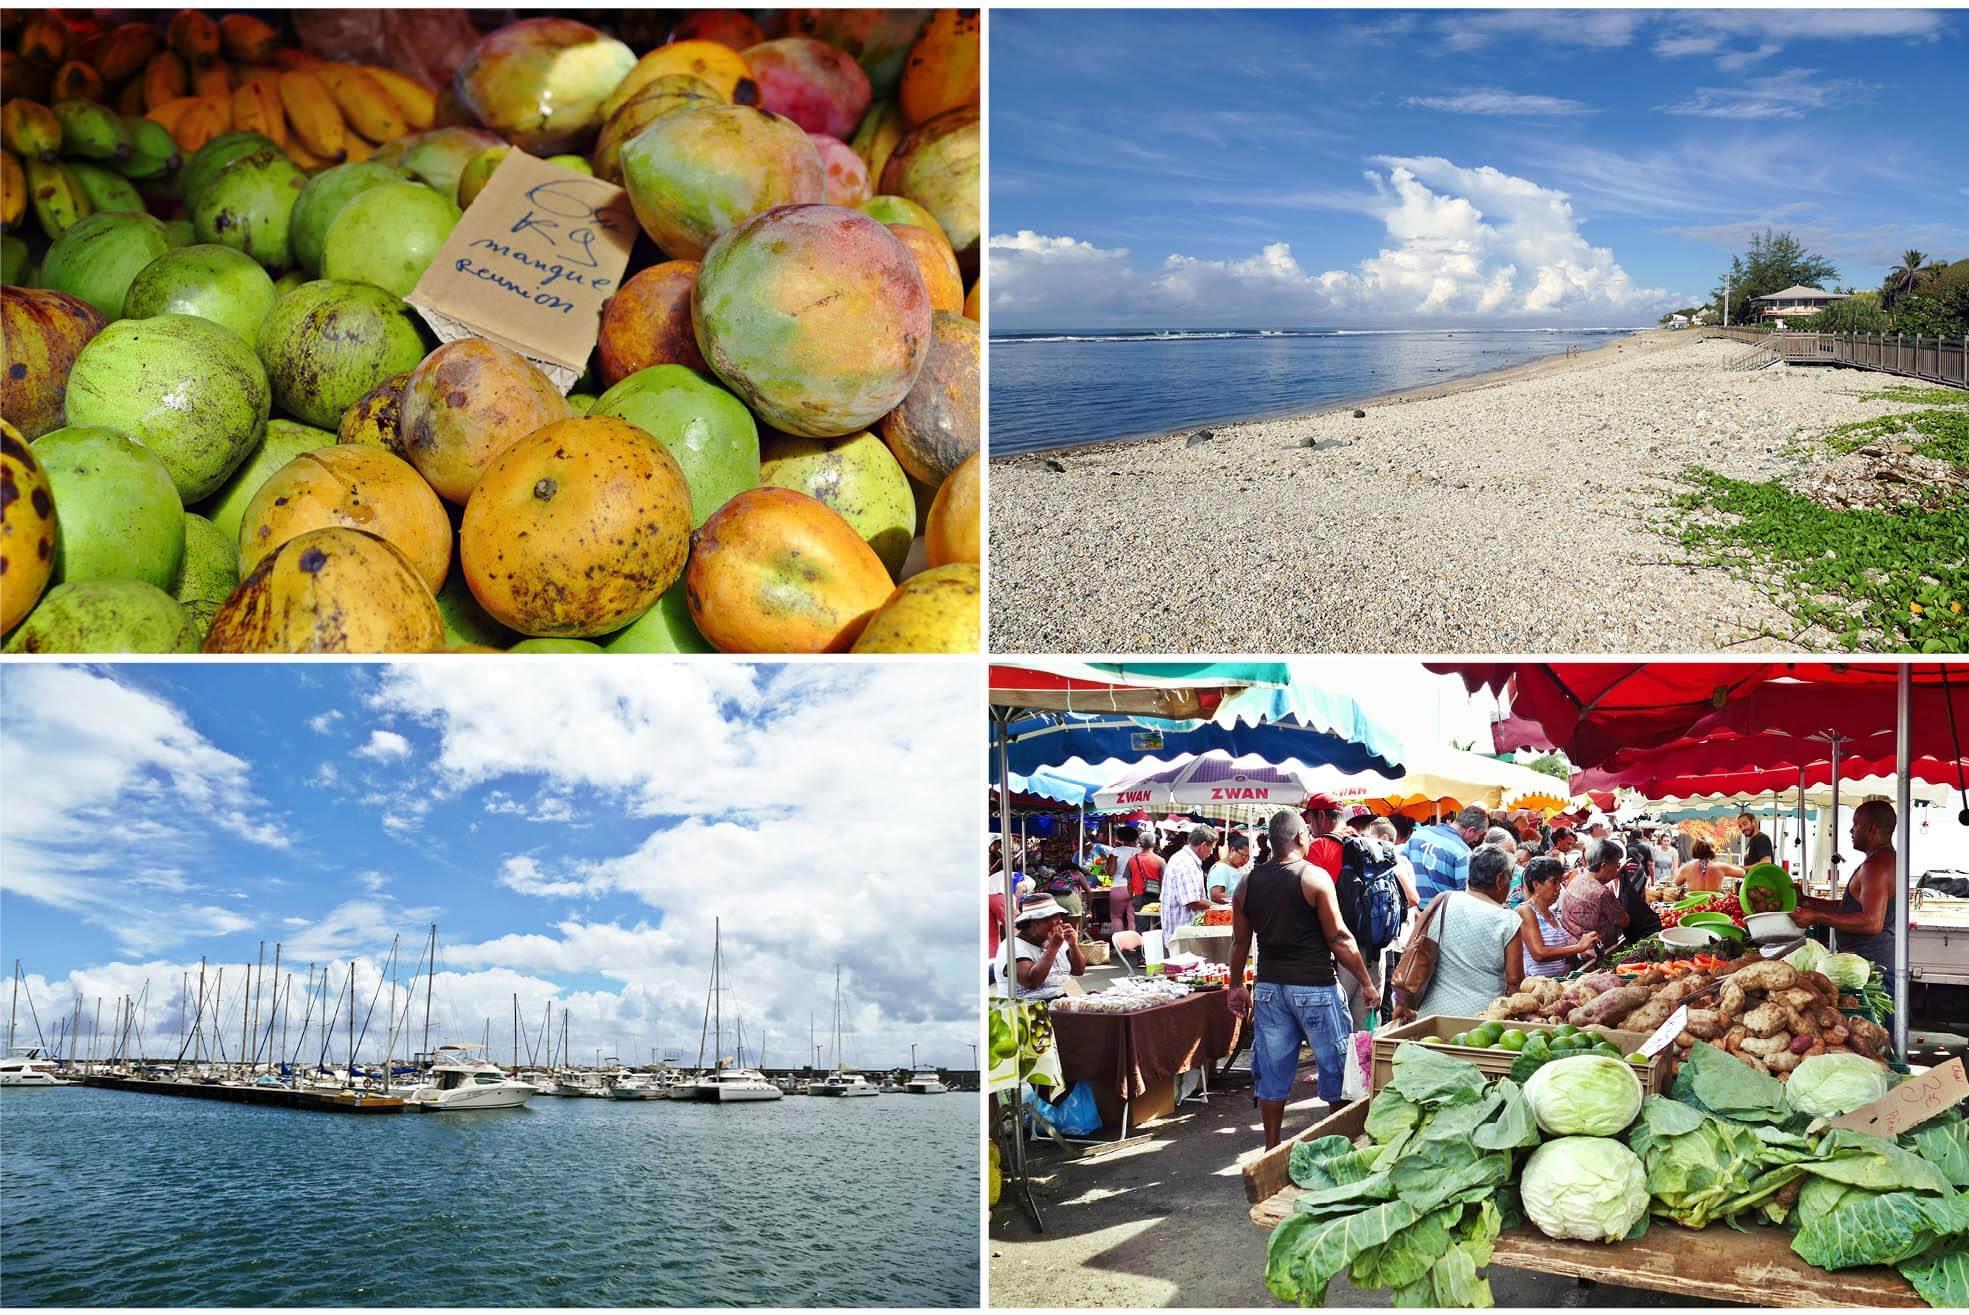 océan, la réunion, la reunion, île, ile, France, saint pierre, nature, lagon, plage, voyage, blog, marché, aliment, fruit, mangues, choux, nourriture, food, bateaux, port